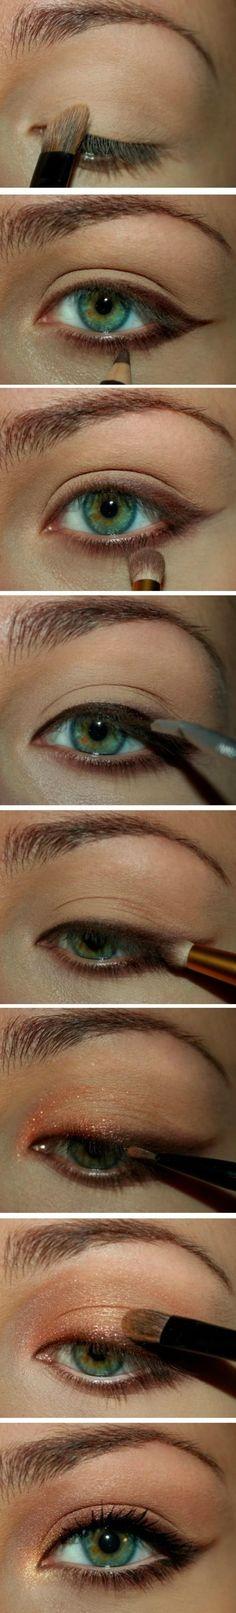 That eyeliner